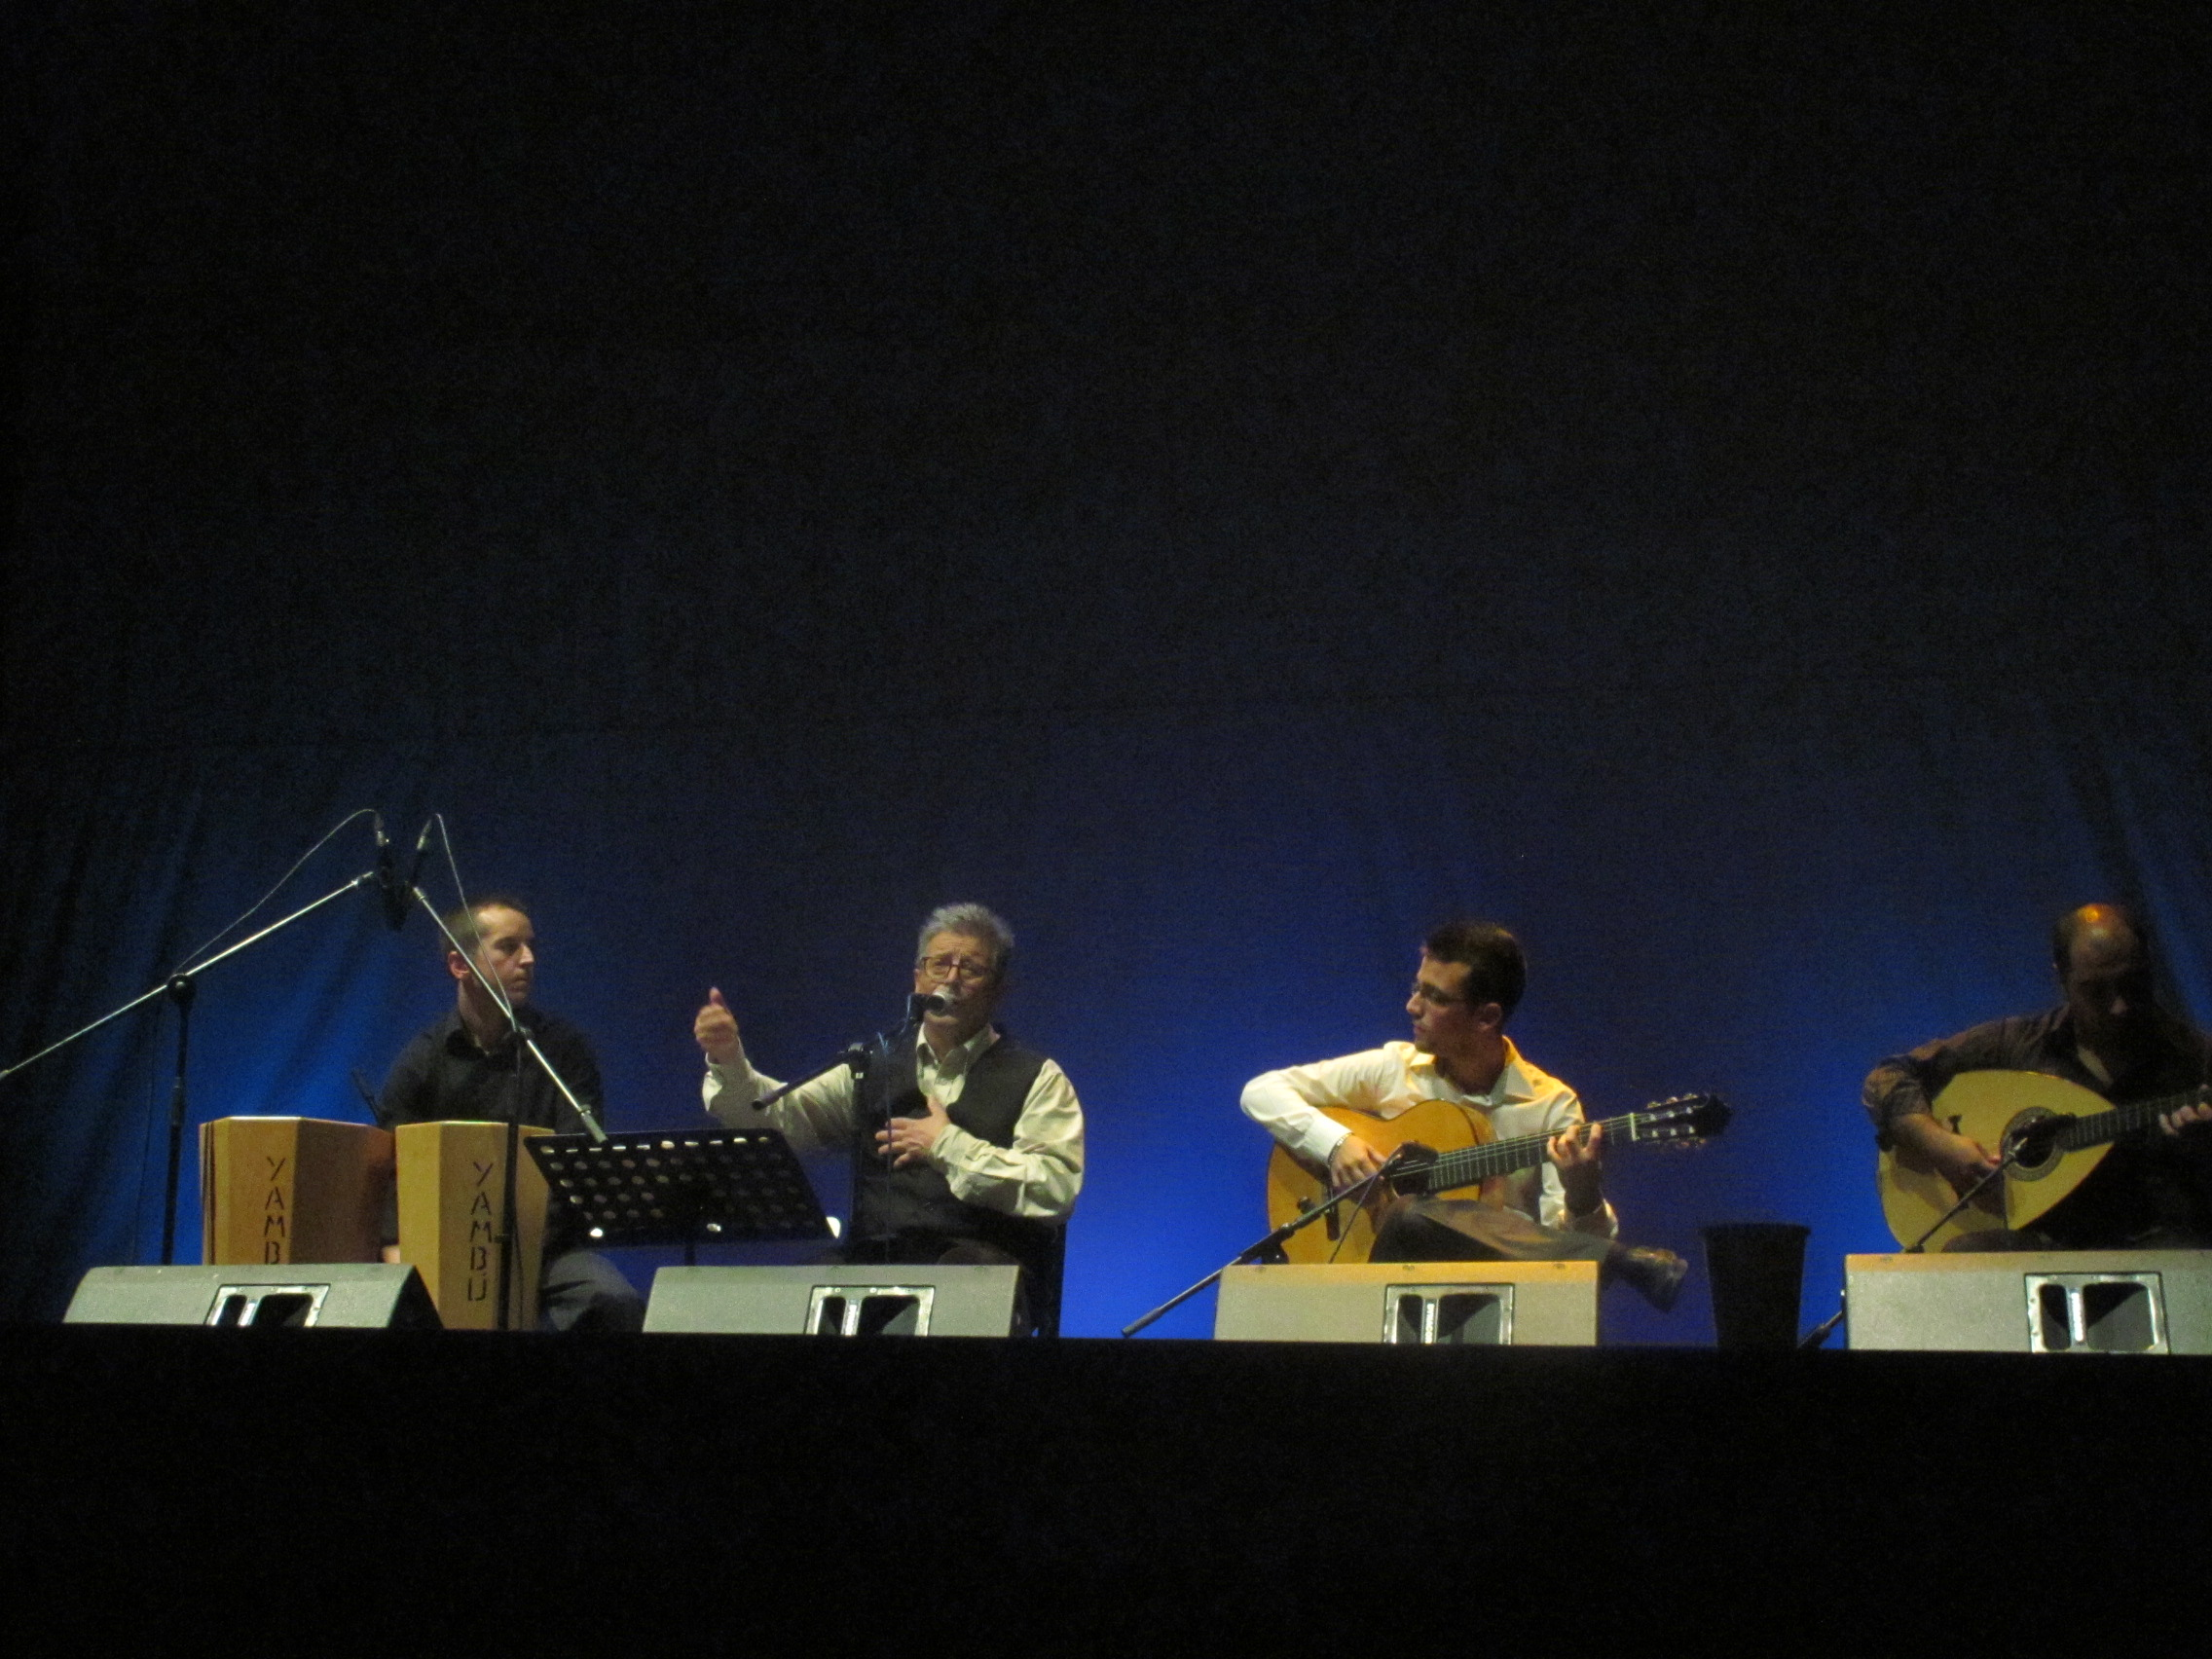 Los poemas de Antonio Machado son melodías flamencas con las composiciones de Fernando Barros, Jesús Ballesteros, Jonathan Morillas y Sergio Única